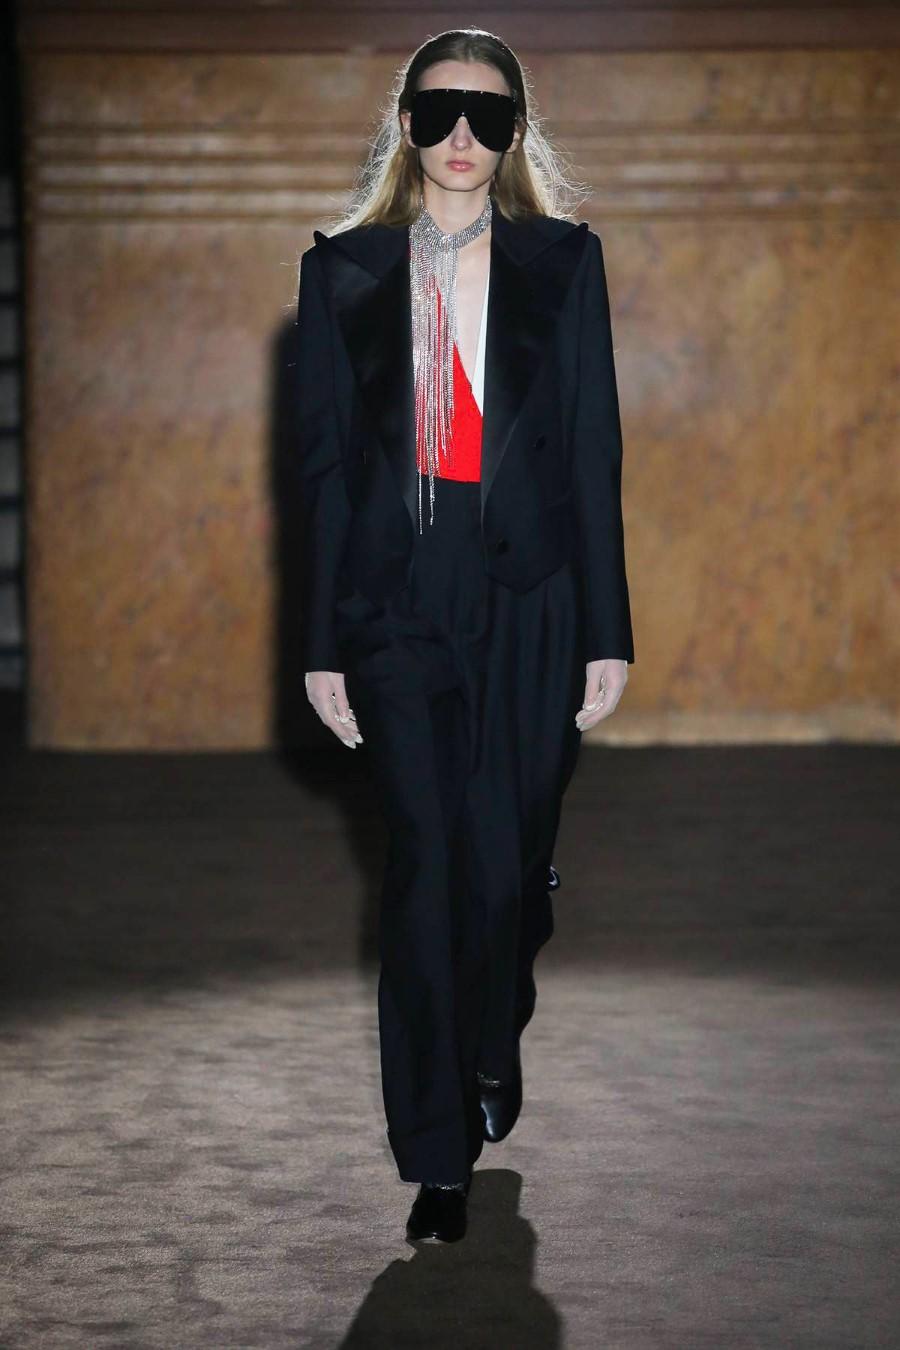 Gucci Printemps/Été 2019 - Paris Fashion Week